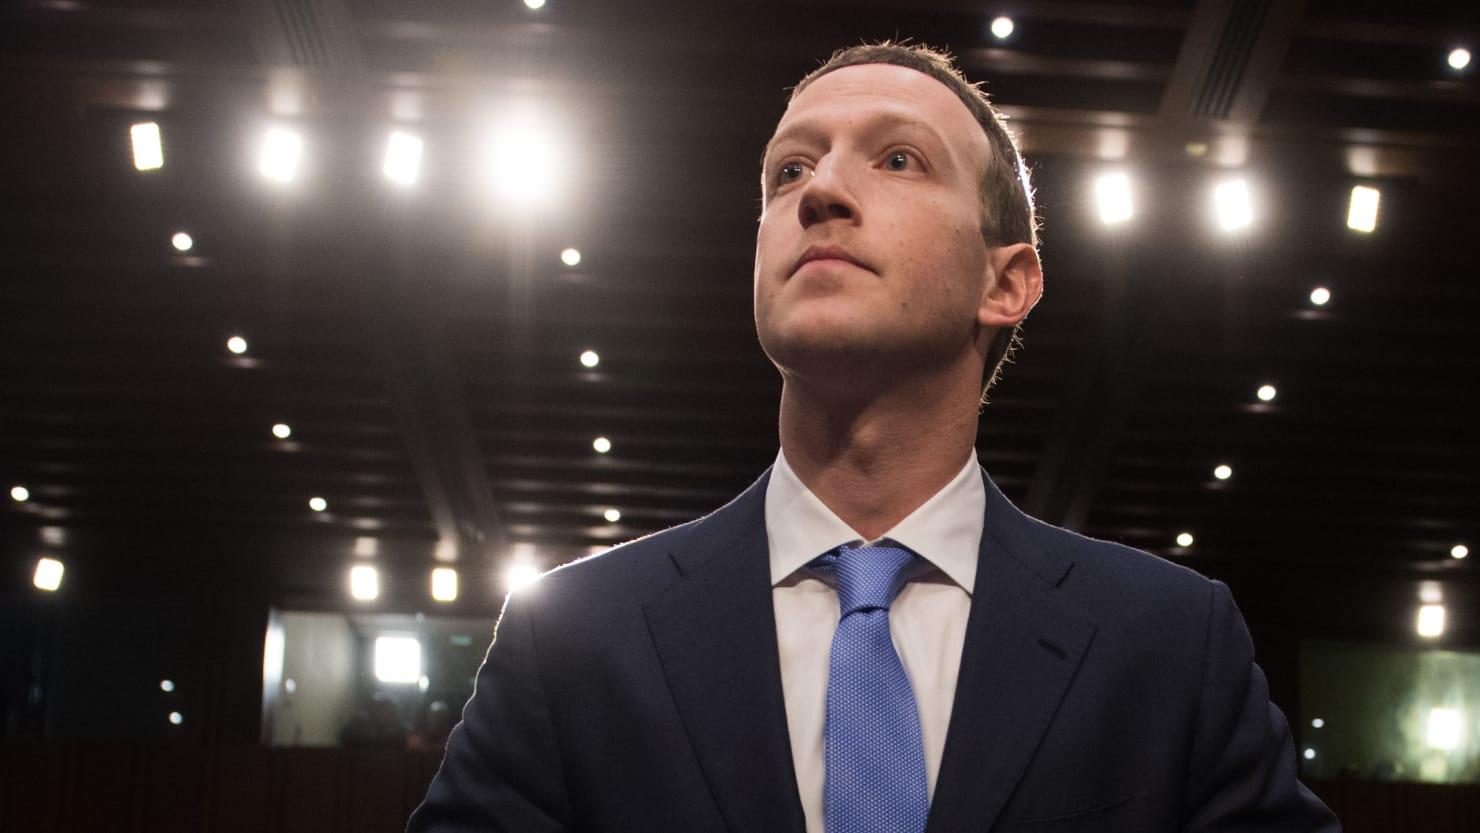 Mark Zuckerberg network okulu başarı sözleri